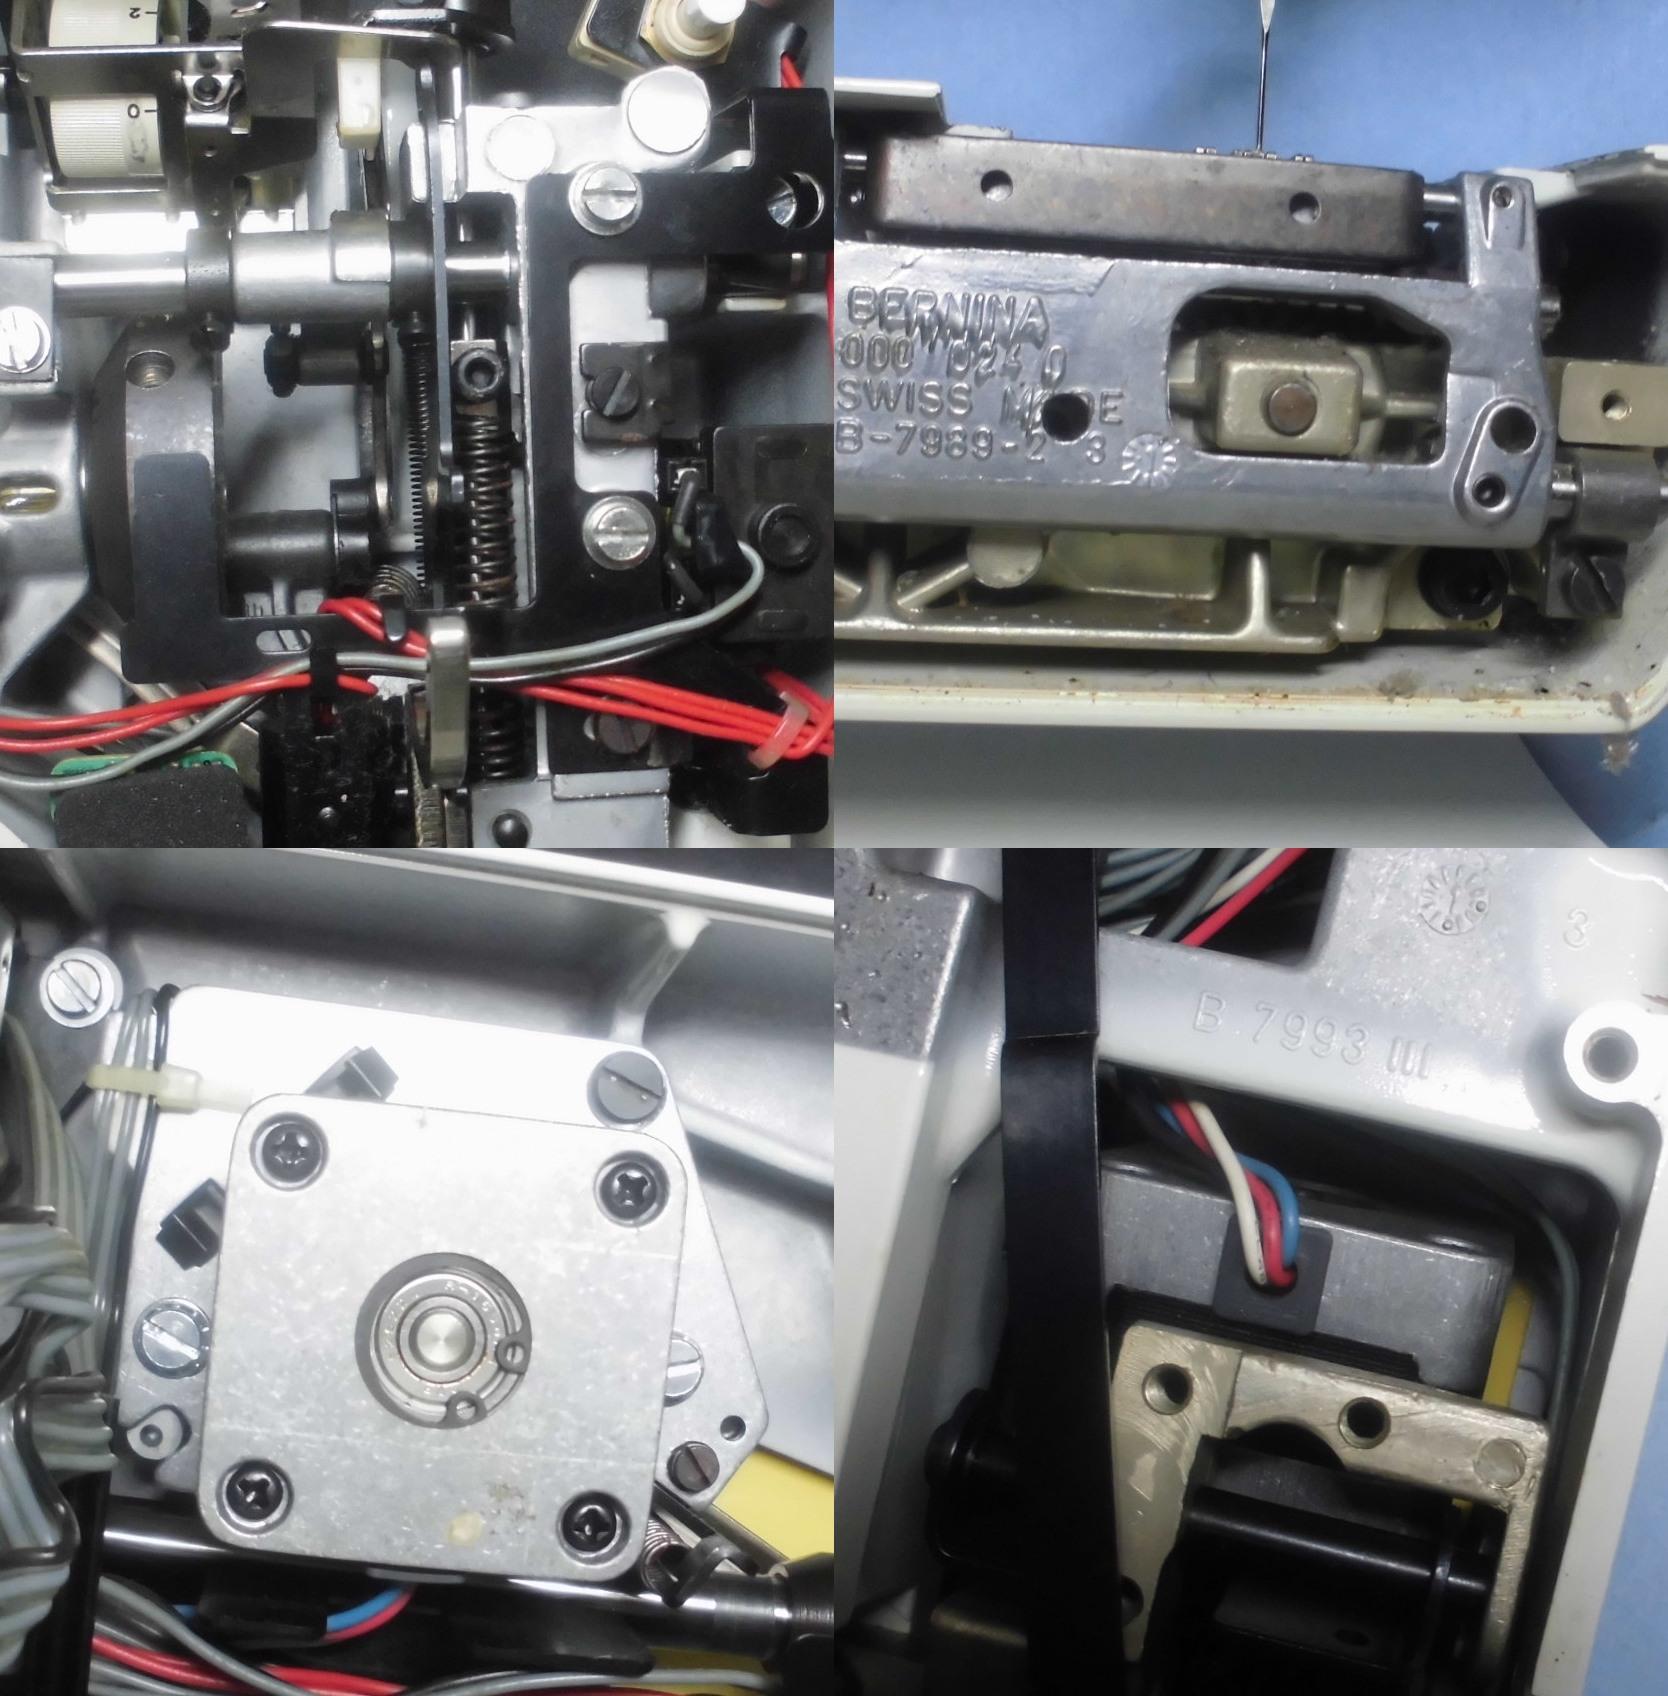 ホリデーヌ1240の故障や不具合|バック縫いになる、布を送らない、針が動かない